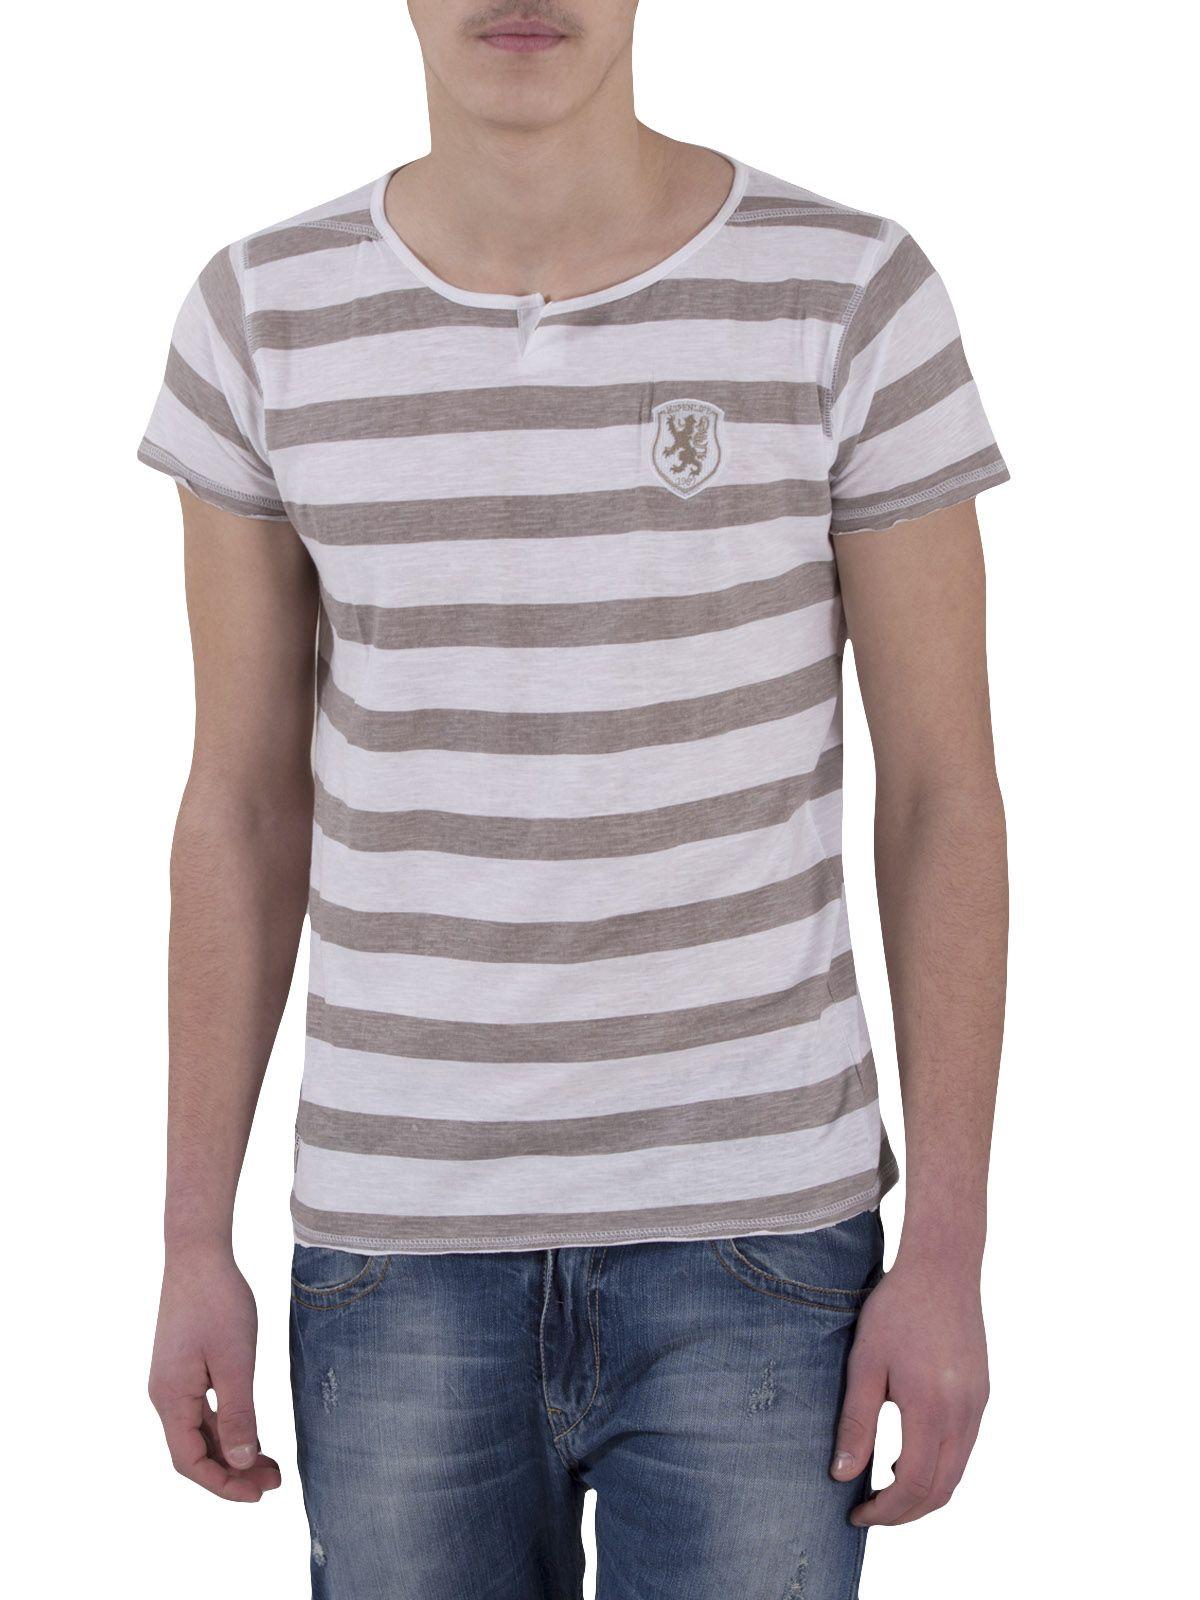 Ριγέ Ανδρική Μπλούζα με Κοντά Μανίκια - http://rouxa24.gr/rige-andriki-blouza-me-konta-manikia/